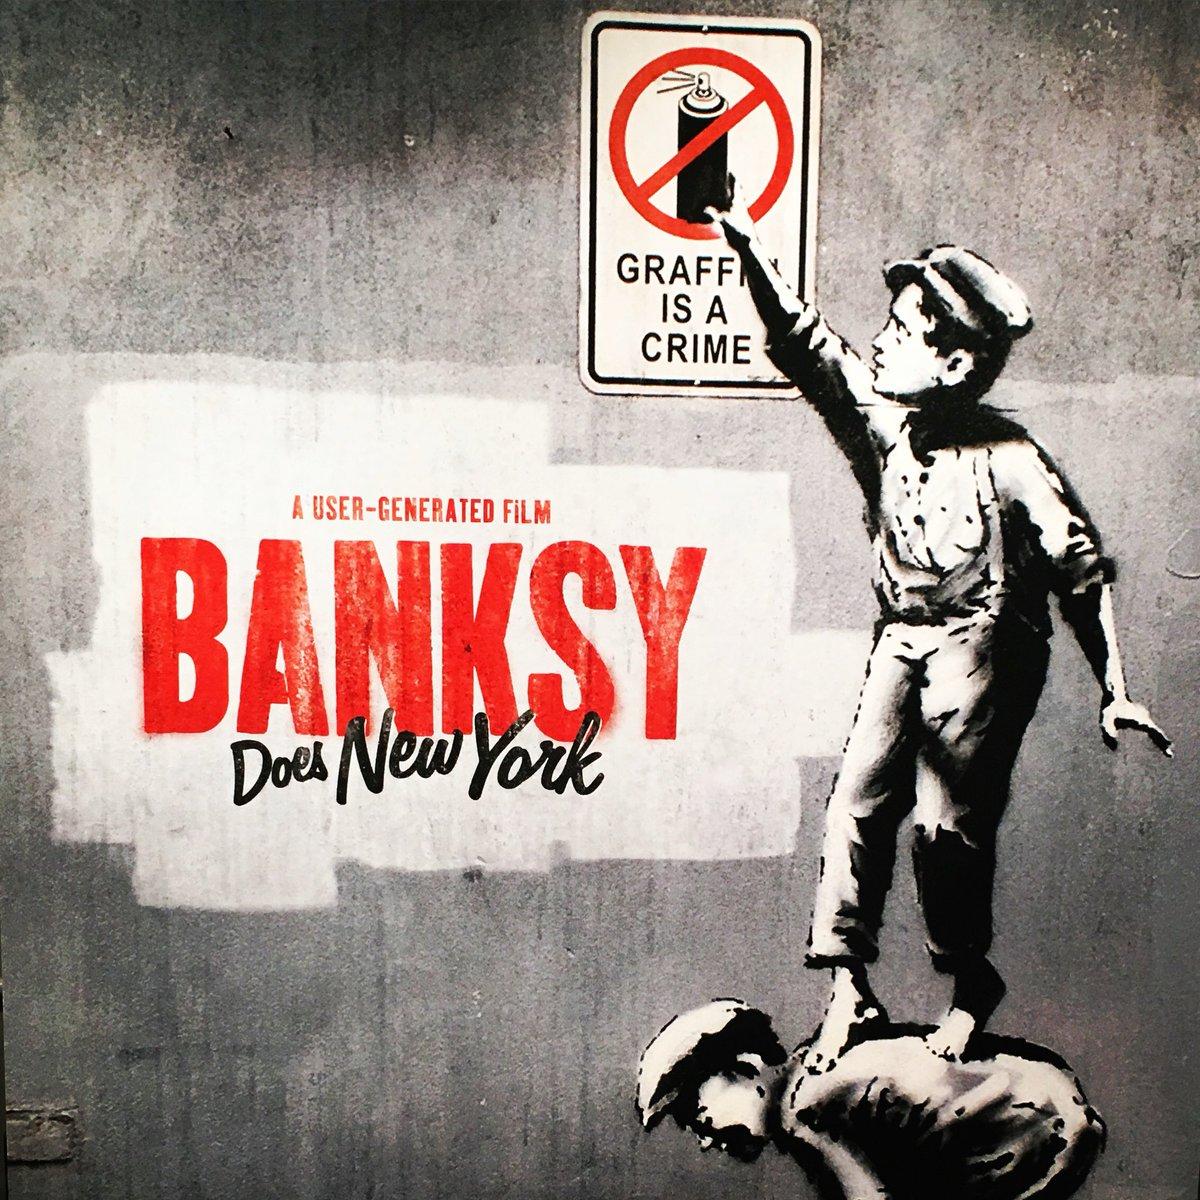 『バンクシー・ダズ・ニューヨーク』面白かった!いつか、これまでバンクシーに熱狂したやつら全員どん引きさせる事をしでかして欲しいぜ。超好きだけどそこにも期待しちゃう。#バンクシーフラゲ https://t.co/ASqYosWW1q